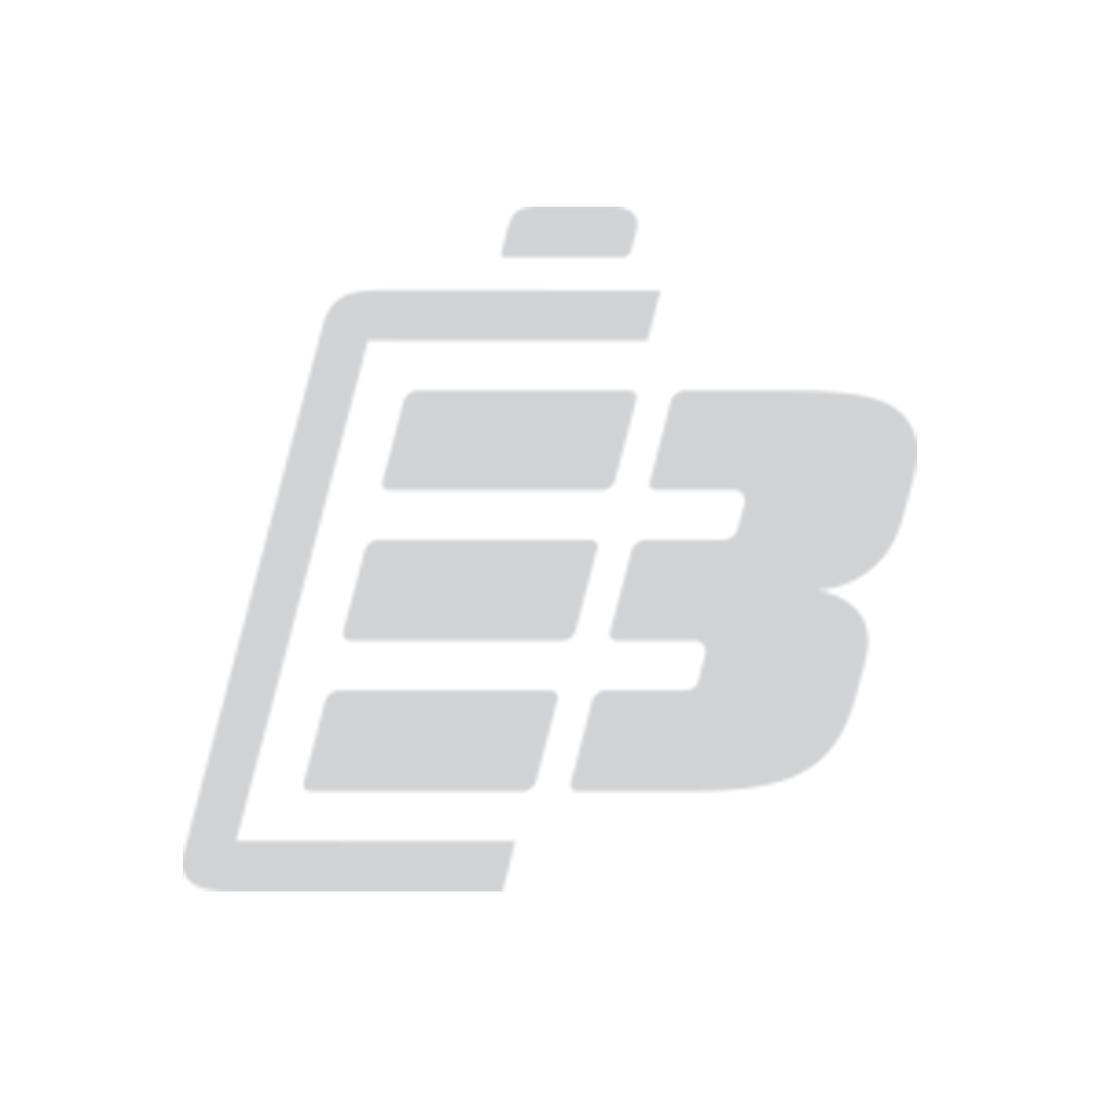 Camcorder battery charger JVC BN-V306_1